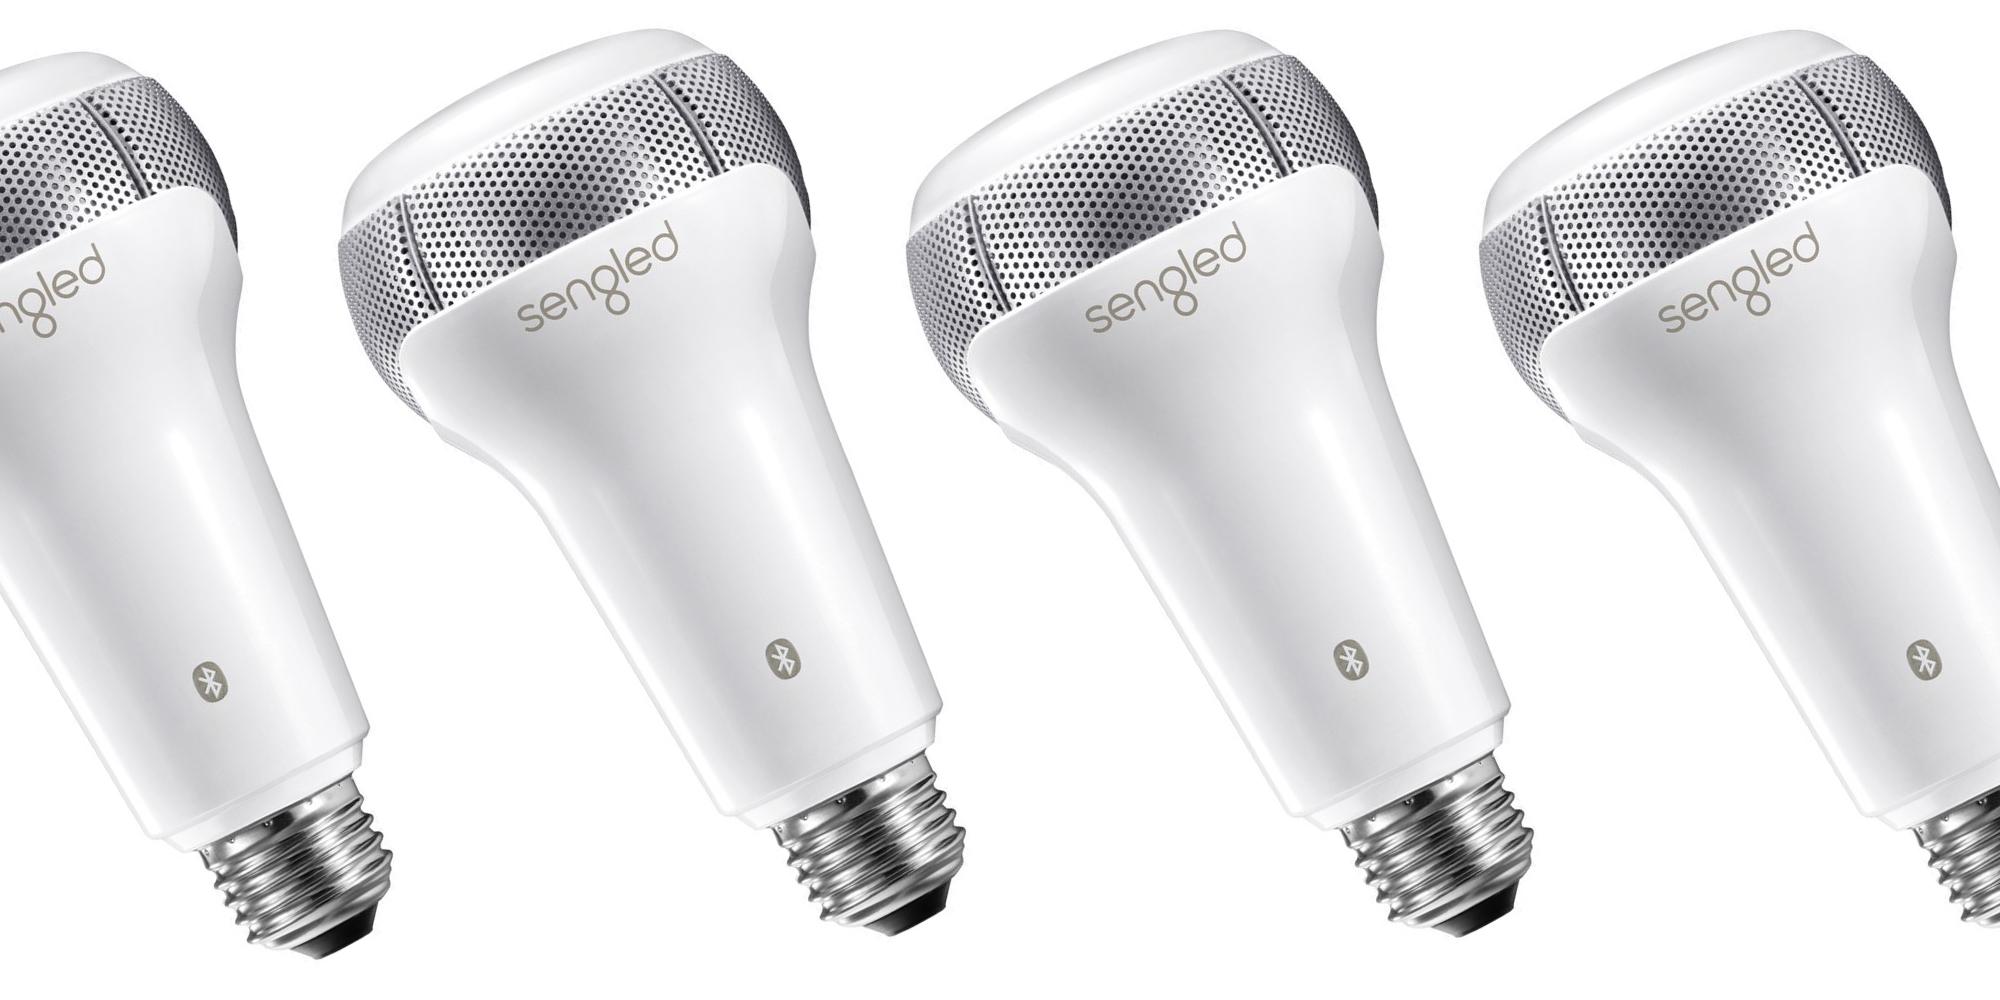 JBL Bluetooth Speaker + LED Light Bulb = Stocking Stuffer Supreme: $16 (Reg. $25)